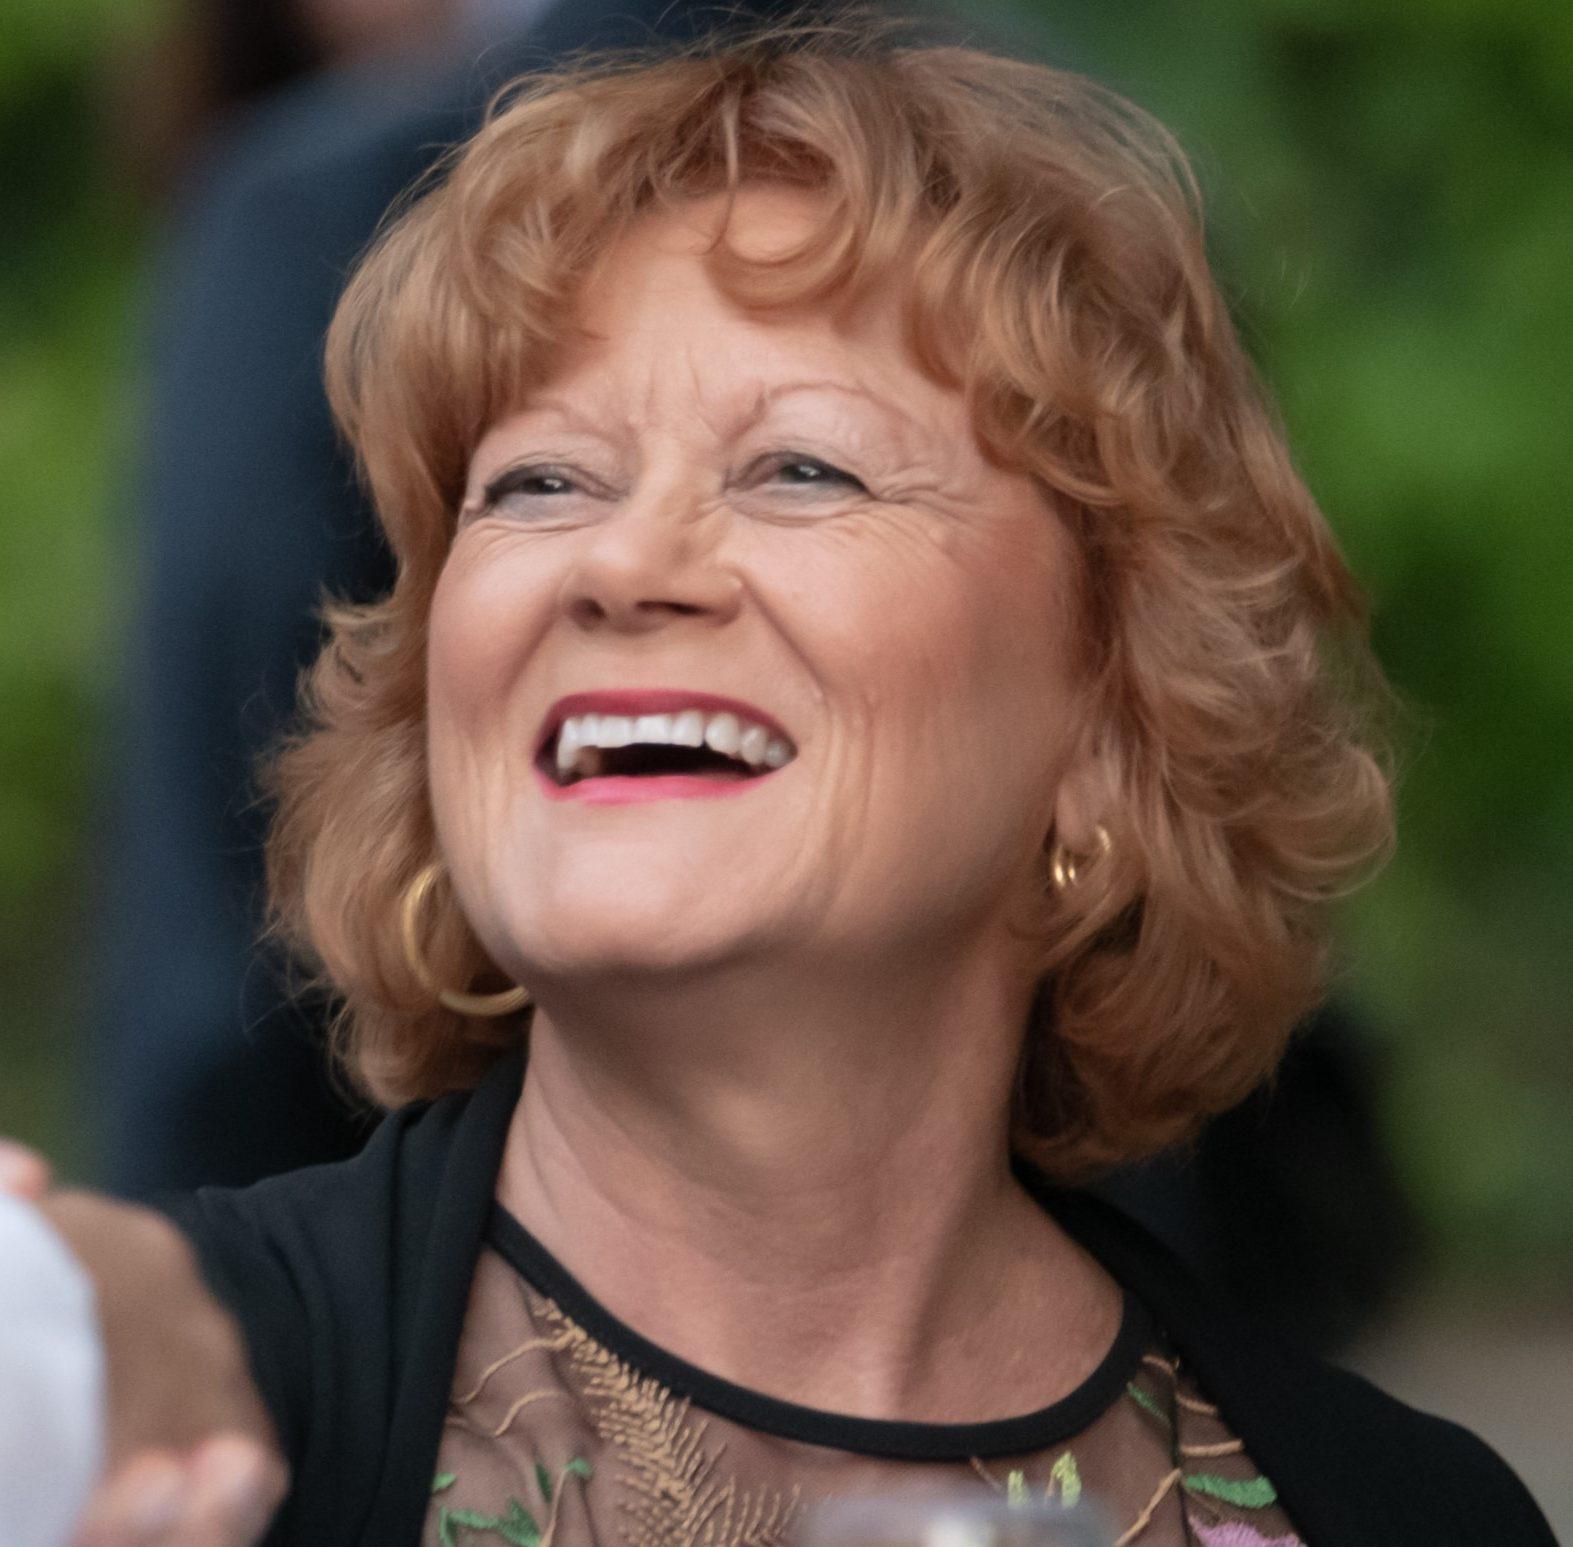 Lucia Martinelli